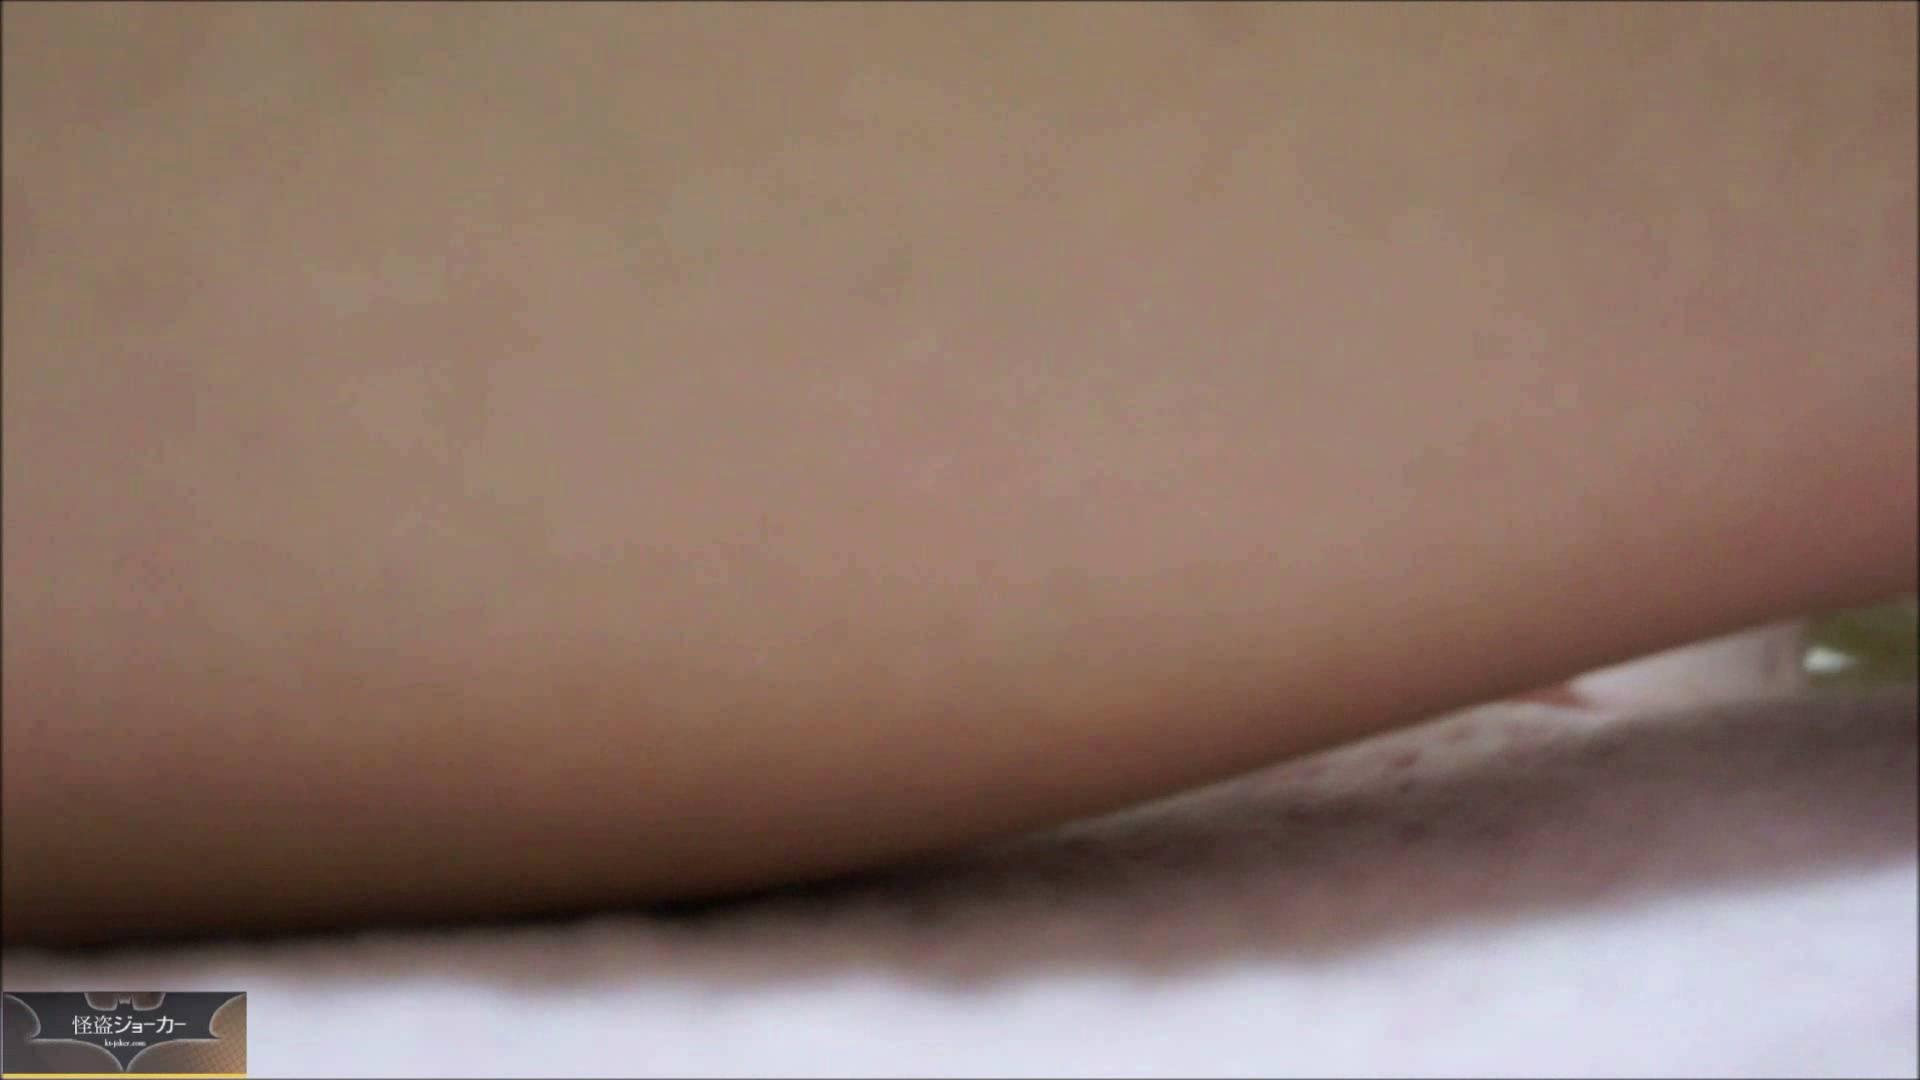 【未公開】vol.26 目民るレイカを突いて・・・ セックス SEX無修正画像 60画像 18